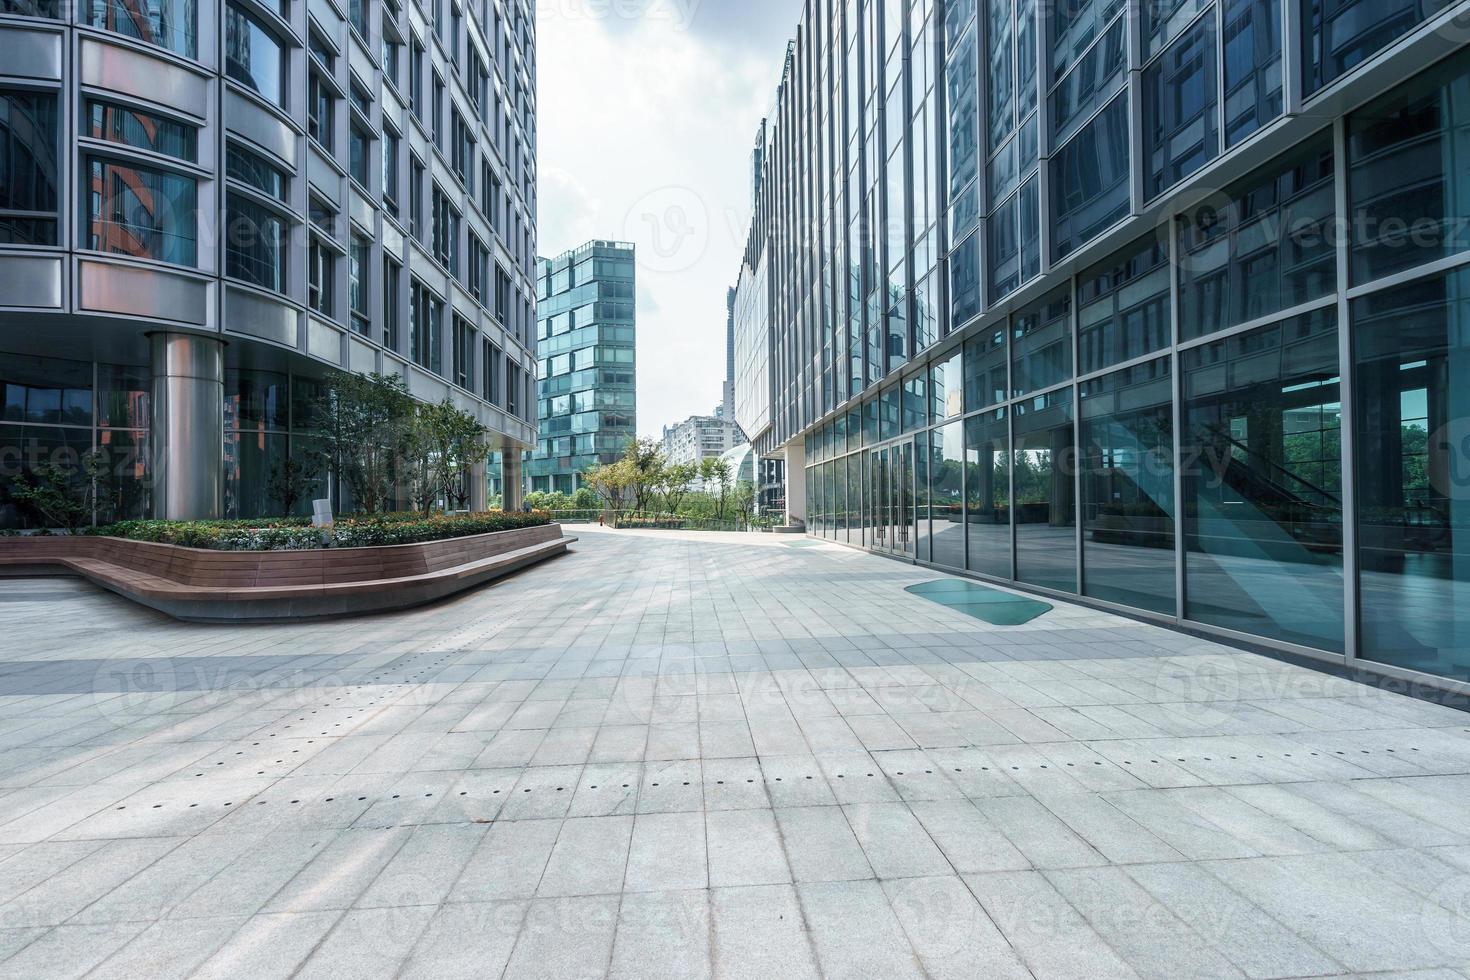 frente de chão vazio de edifícios modernos foto